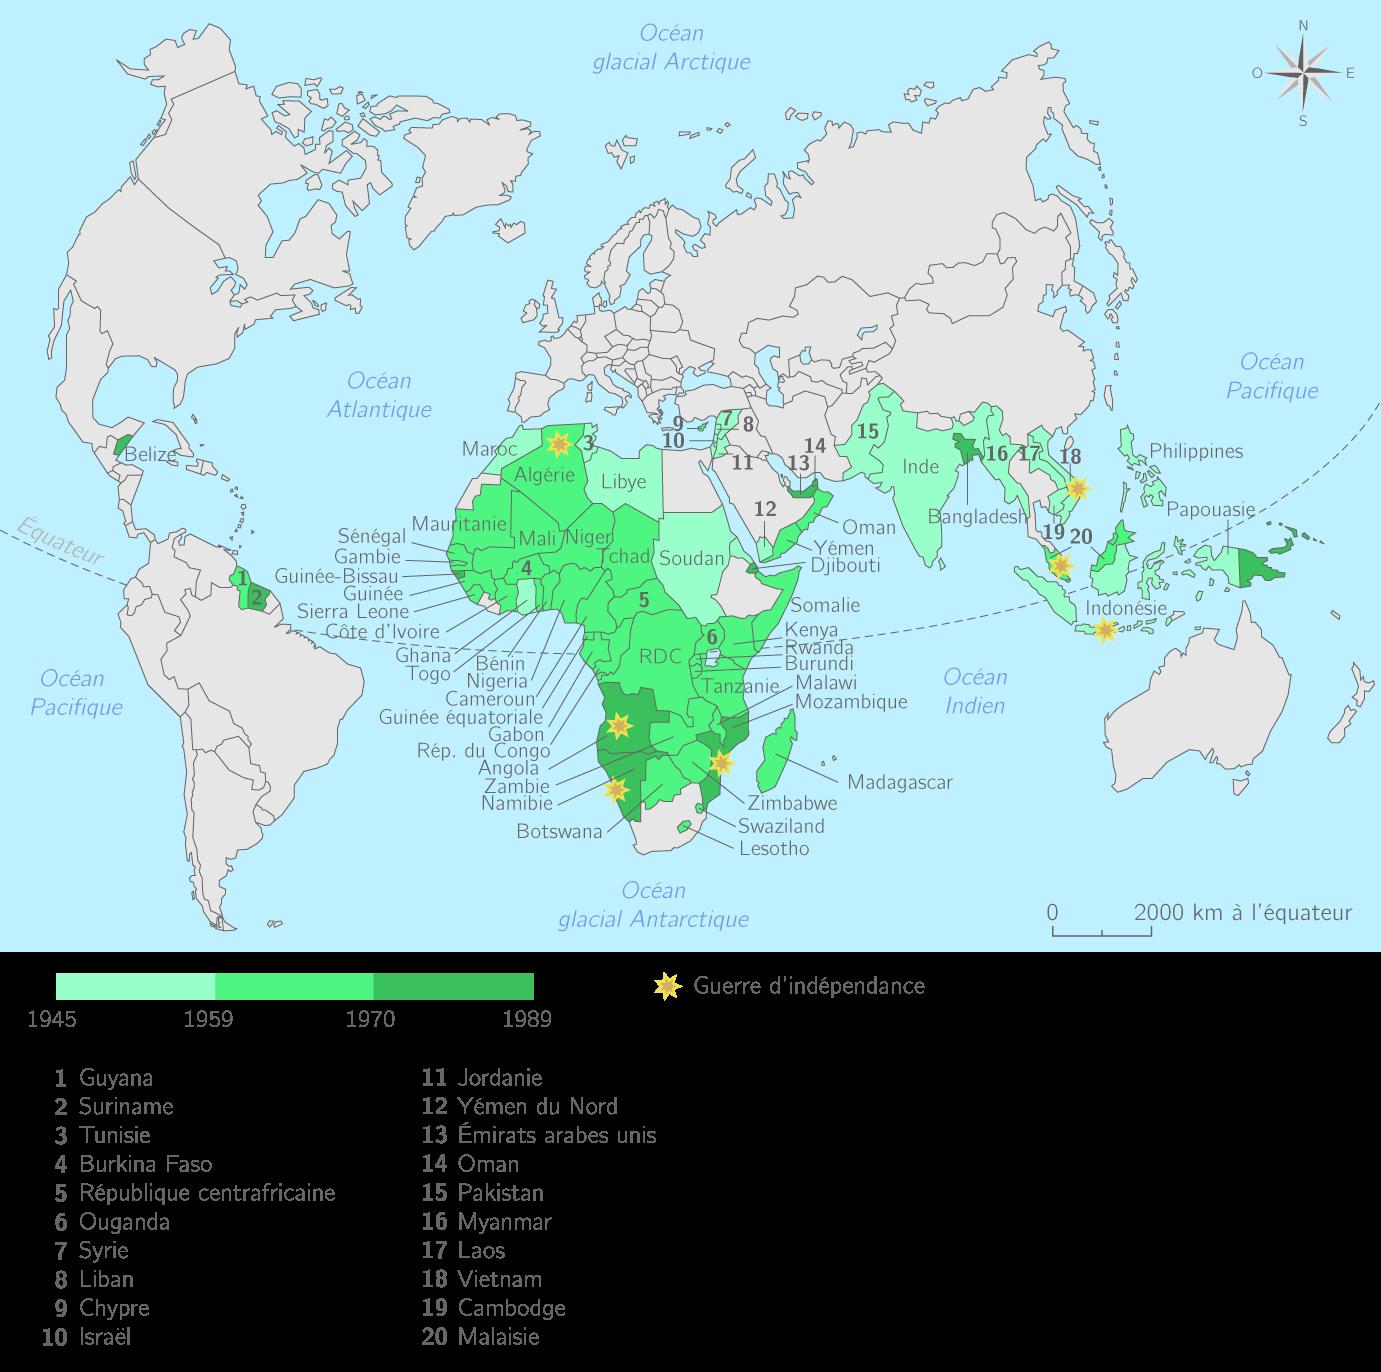 La décolonisation dans le monde